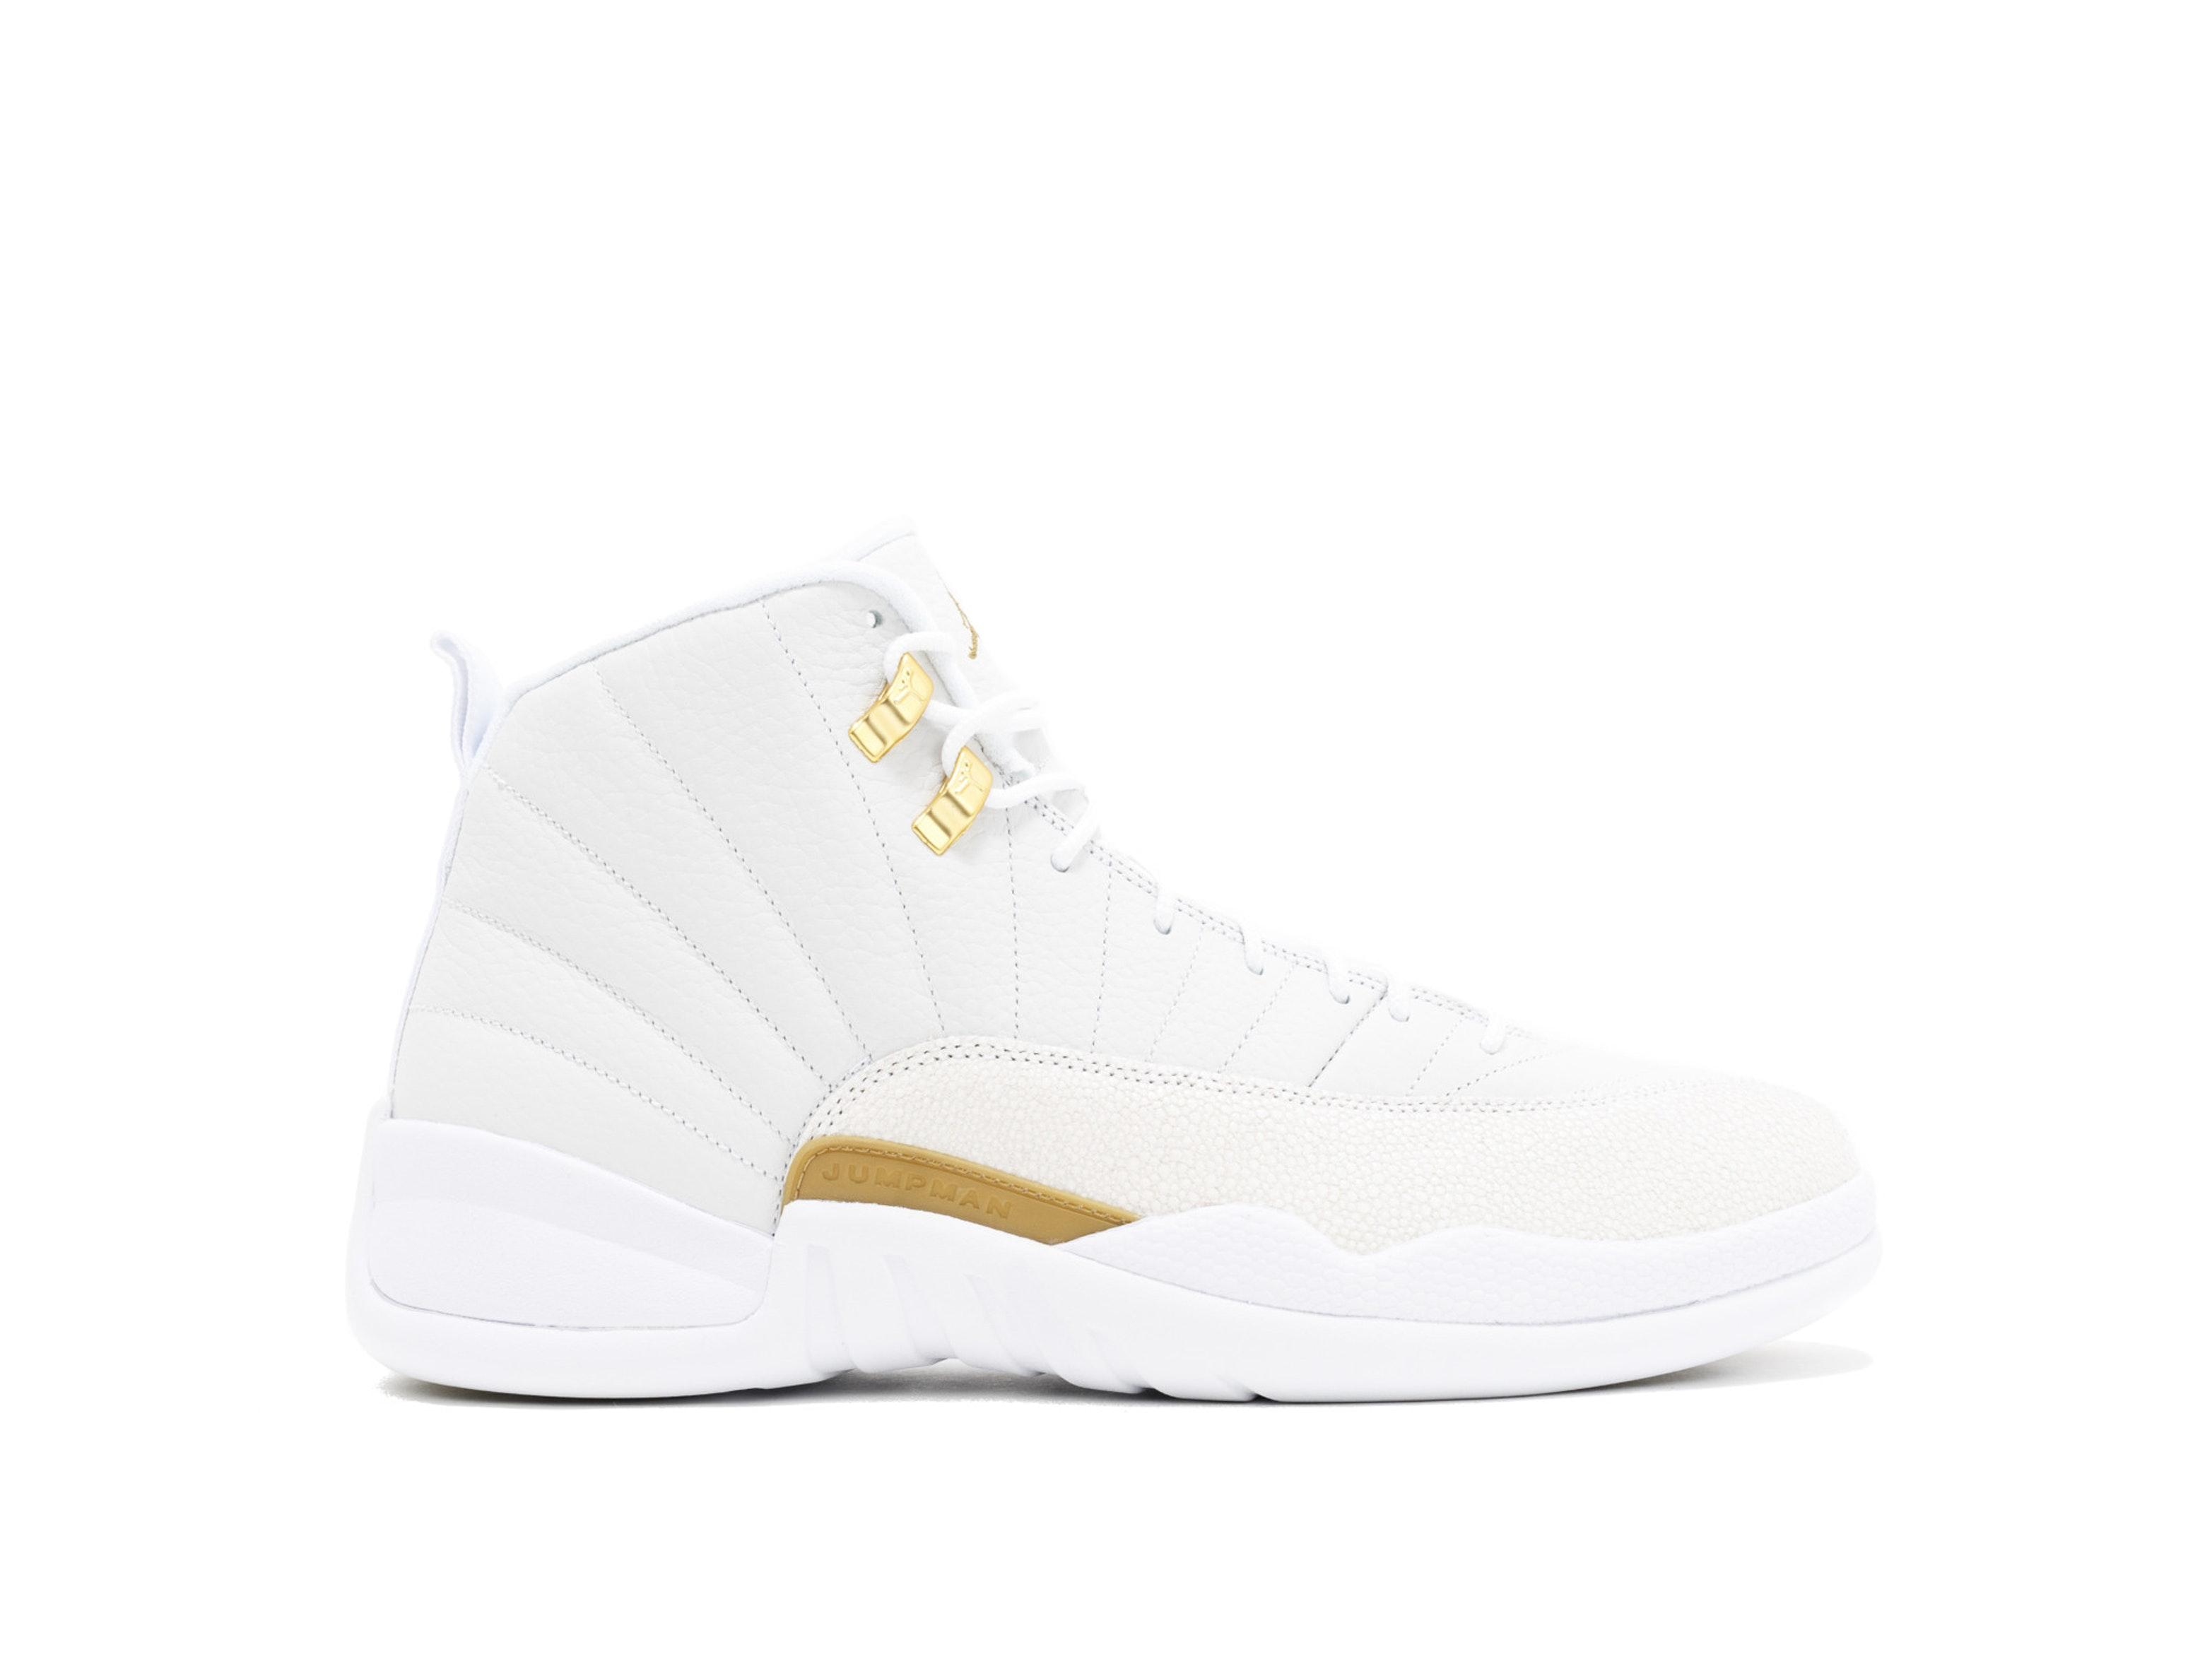 release date d3c2d 7f415 Air Jordan 12 Retro White x OVO